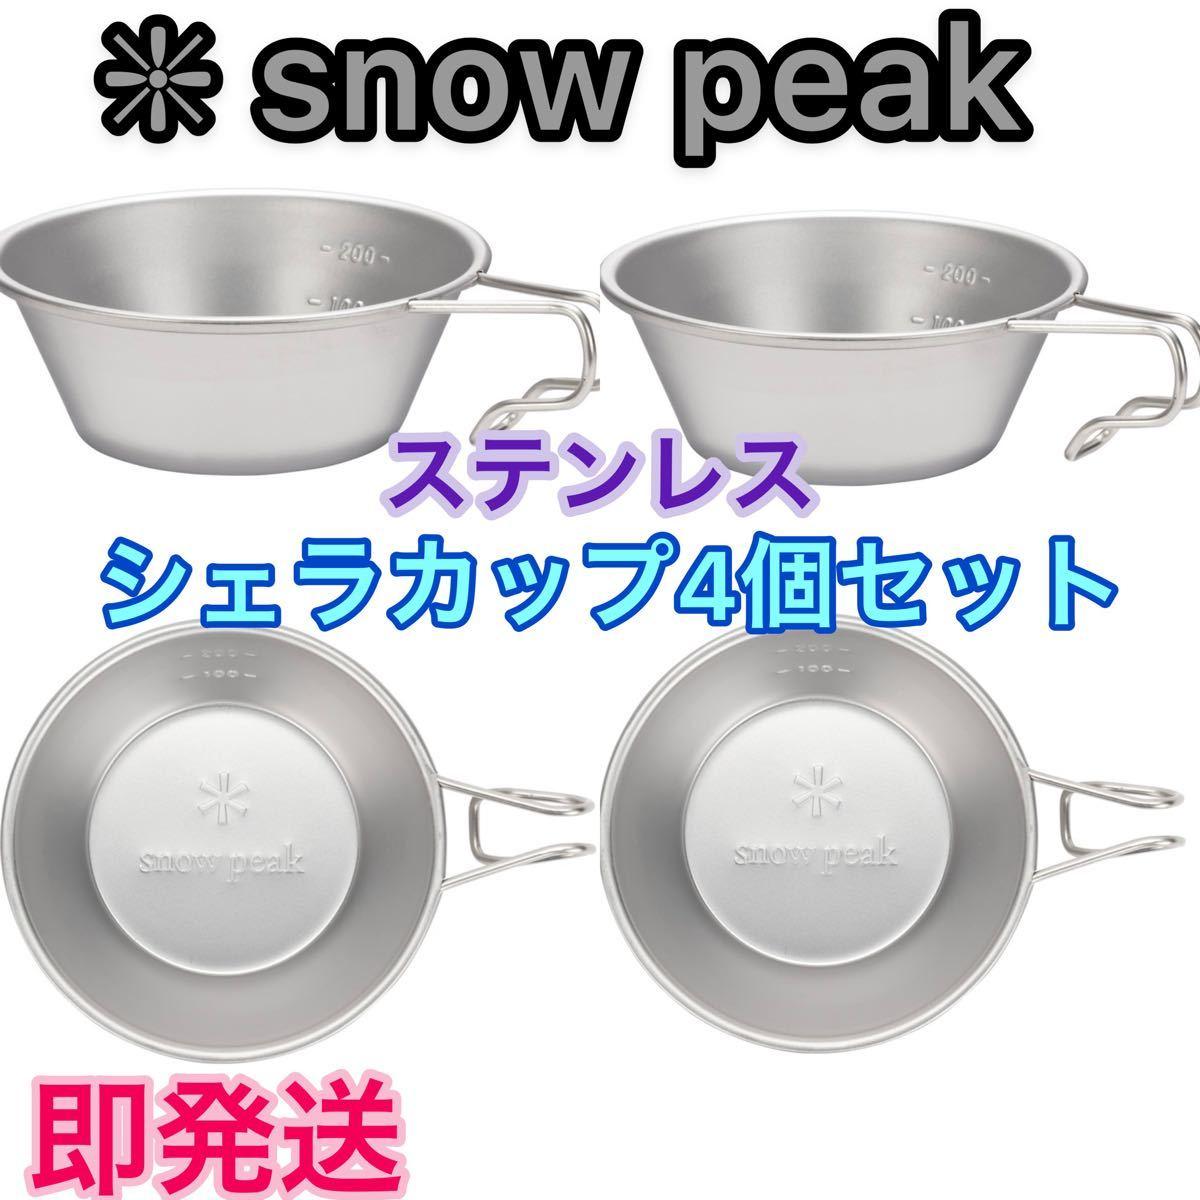 スノーピーク シェラカップ 4個セット ★E-103 ★310ml 【新品未使用】snow peak